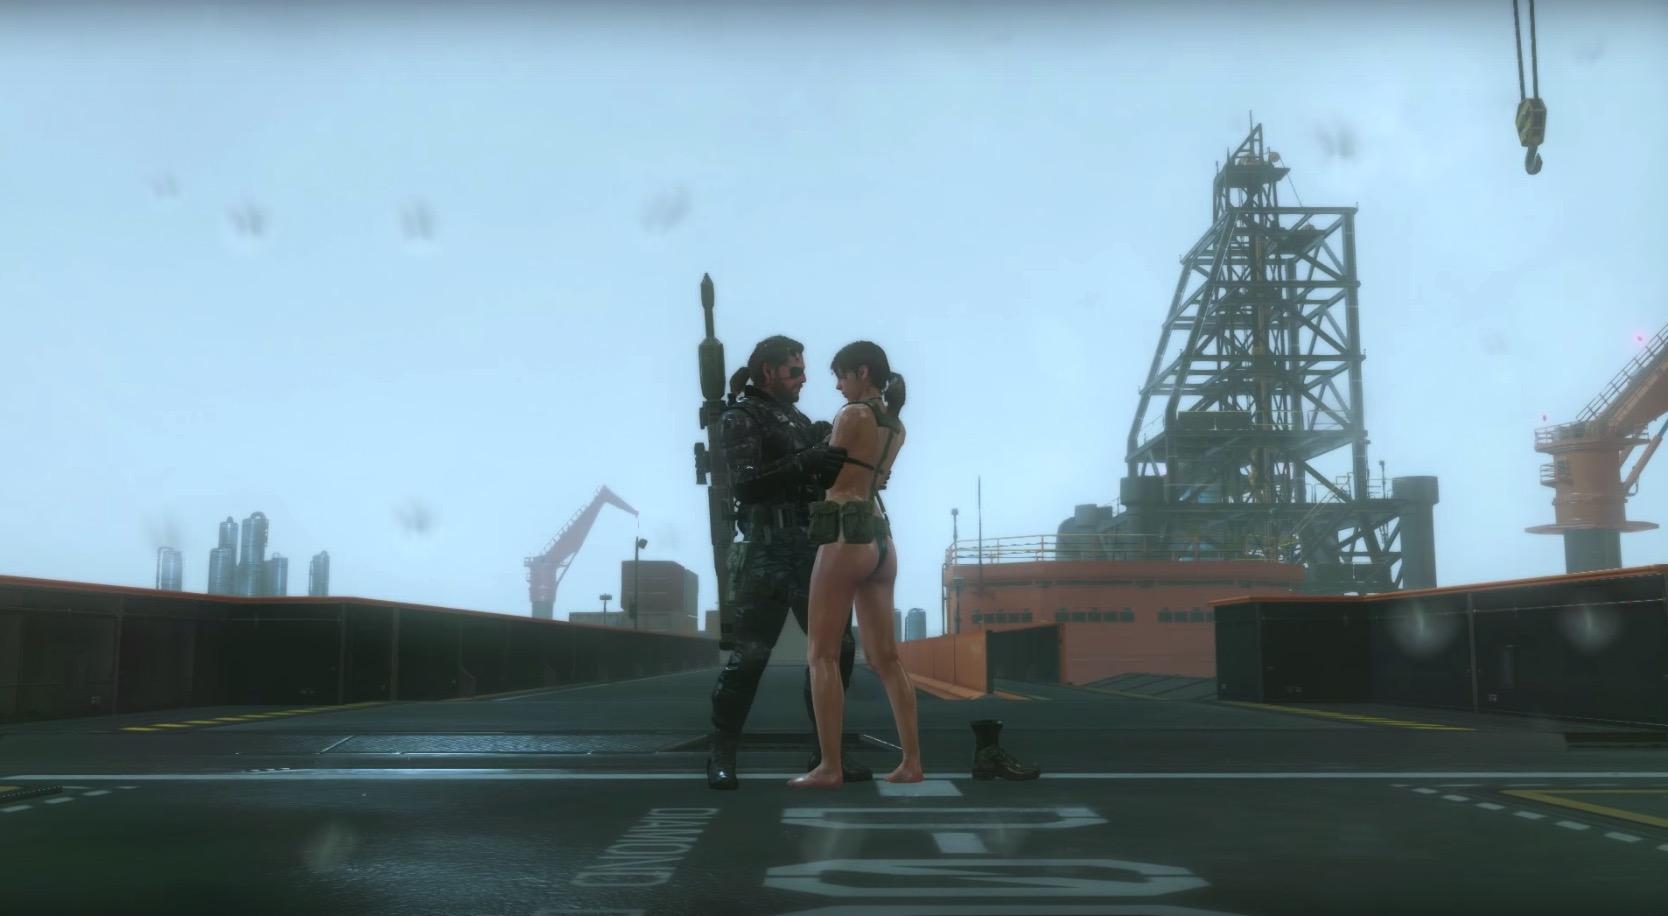 熱門遊戲《潛龍諜影5》的「胸部物理系統」真的太瘋狂了,在2分01秒的那一幕我真的無法接受...